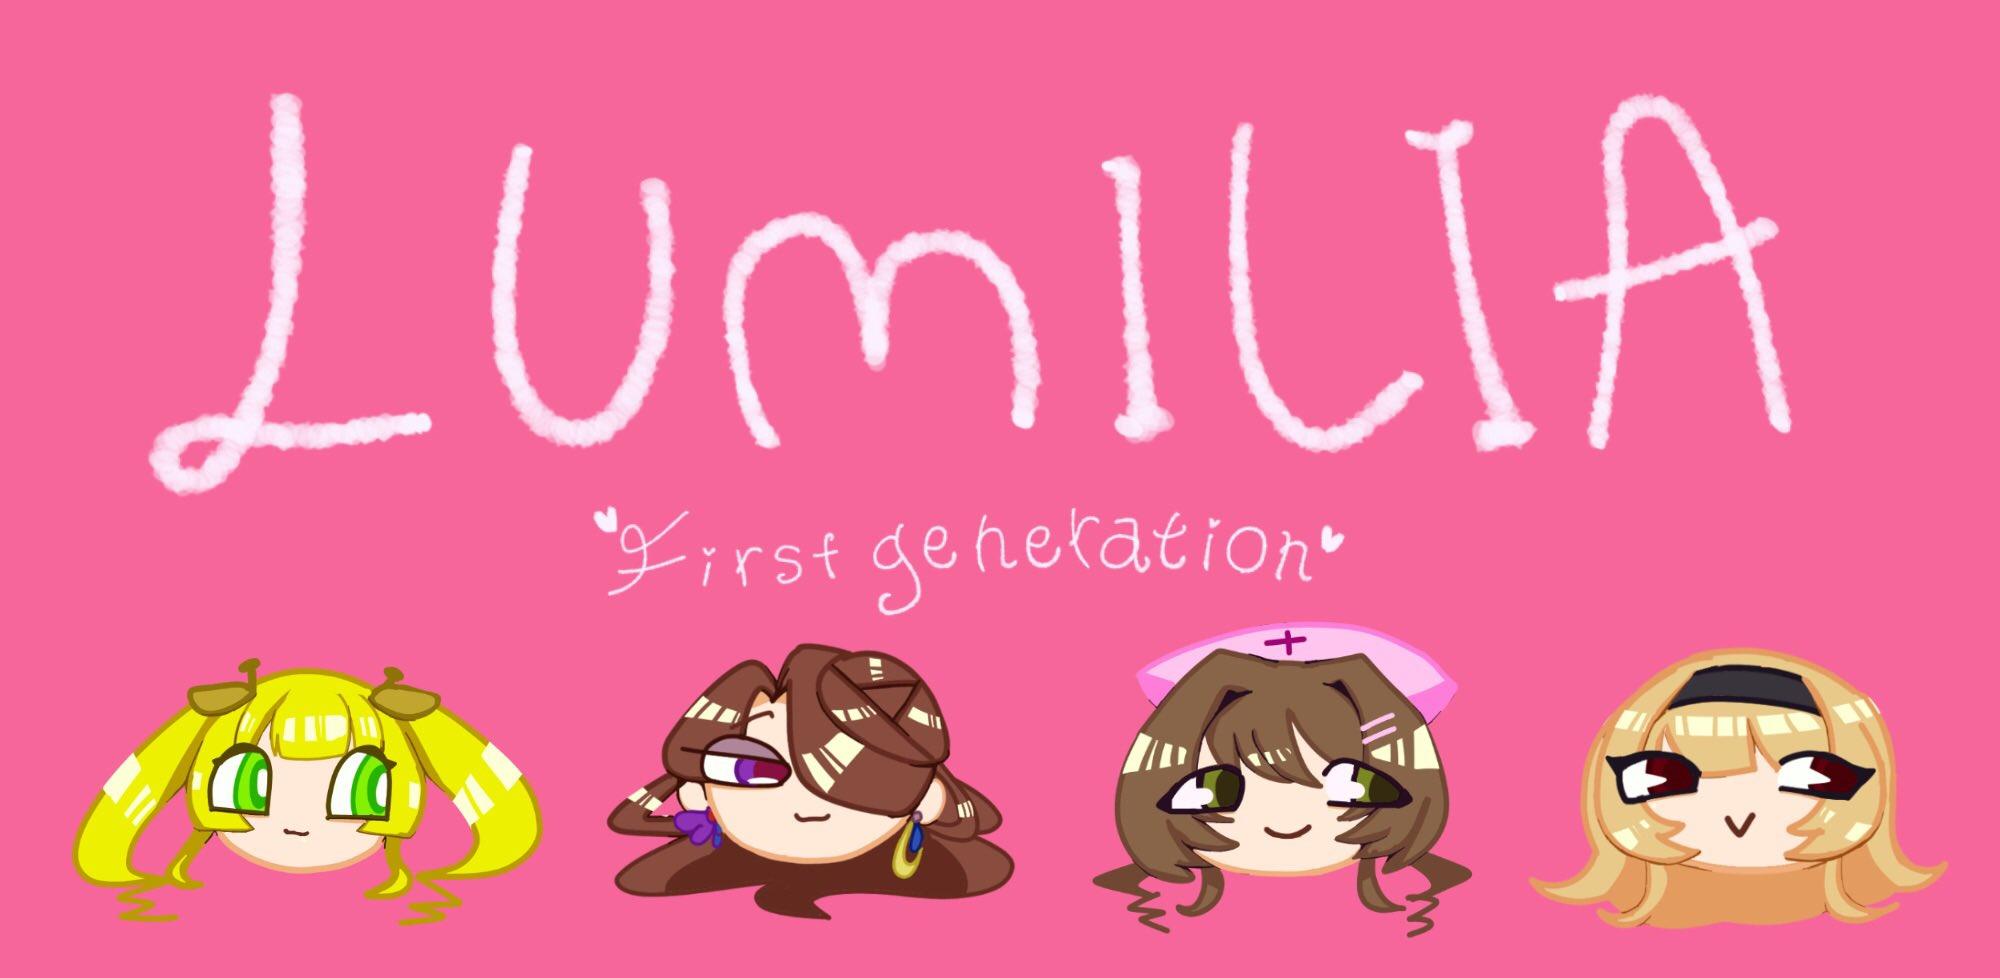 lumilia-1st